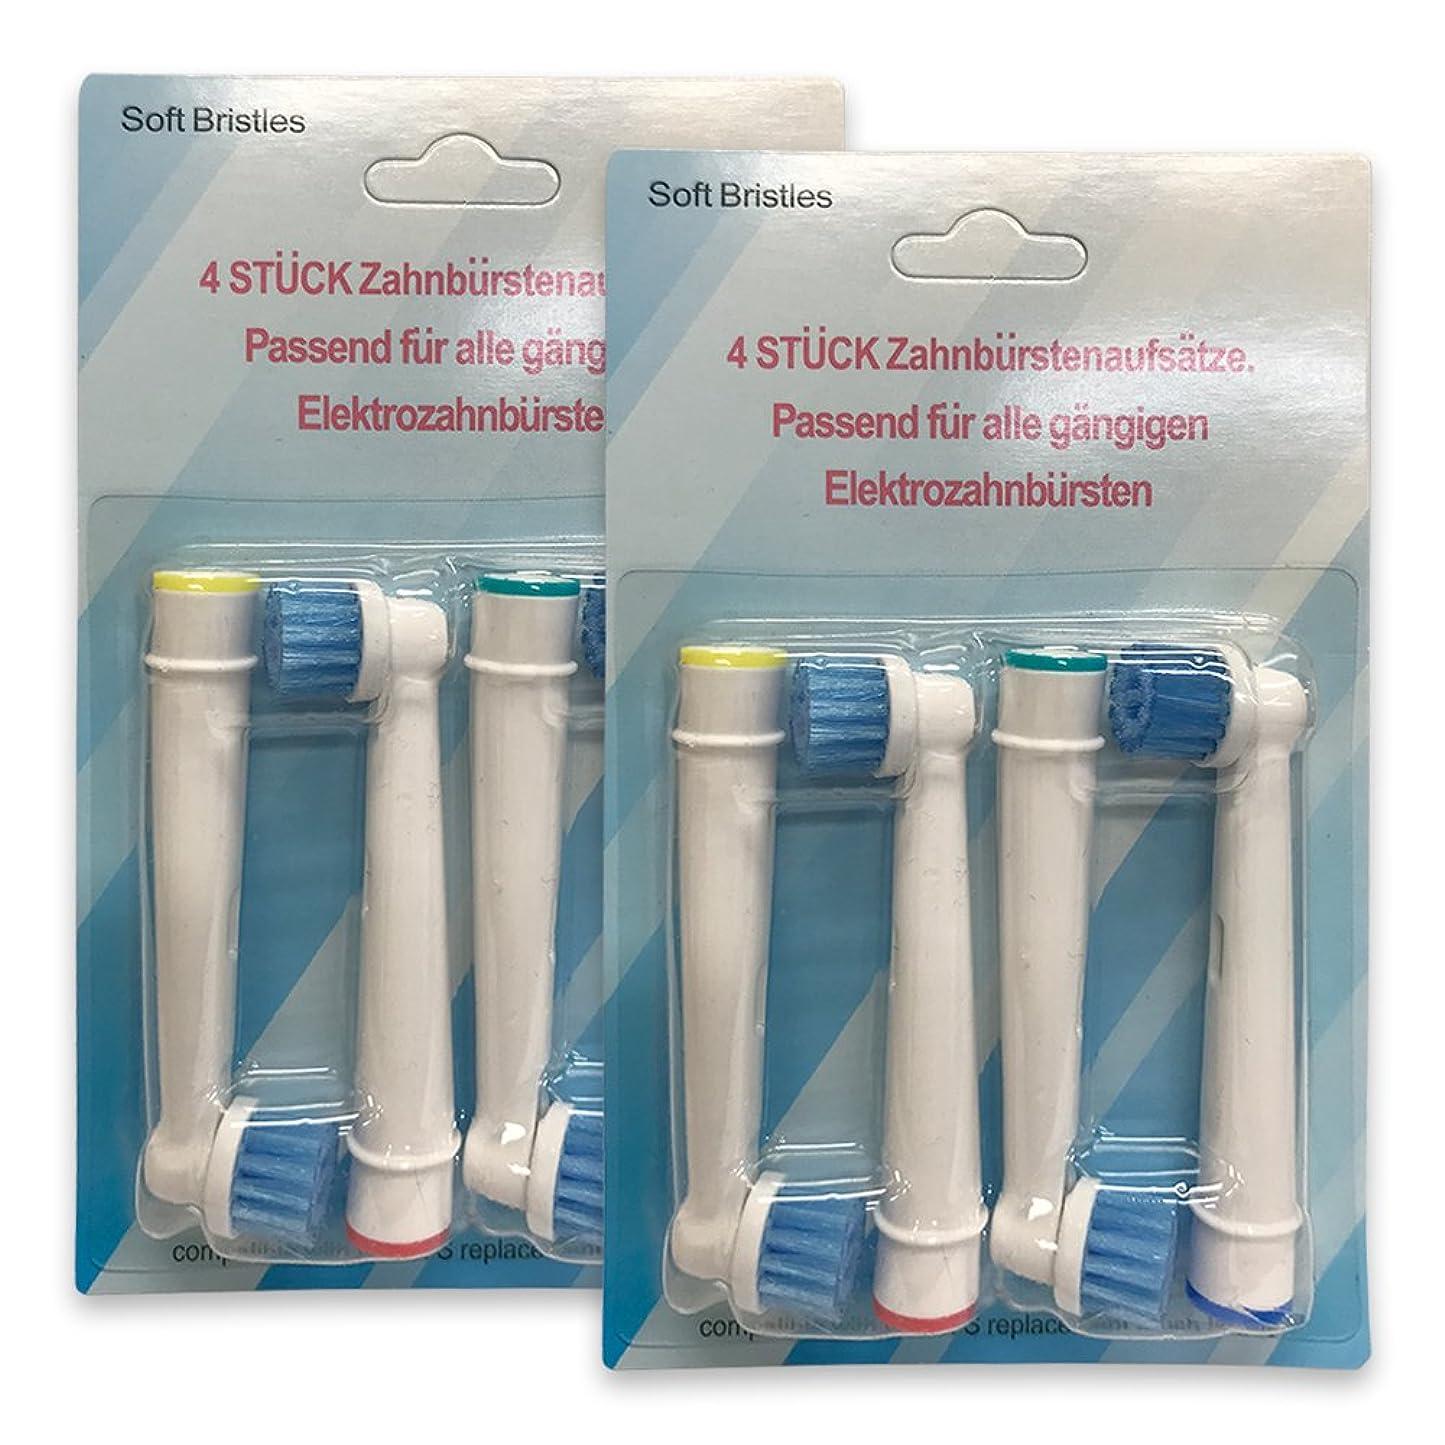 放射するレンド優勢【エレスタ】 ブラウン オーラルB ベーシックブラシ EB-17 互換替え電動歯ブラシ 4本 x2セット=8本